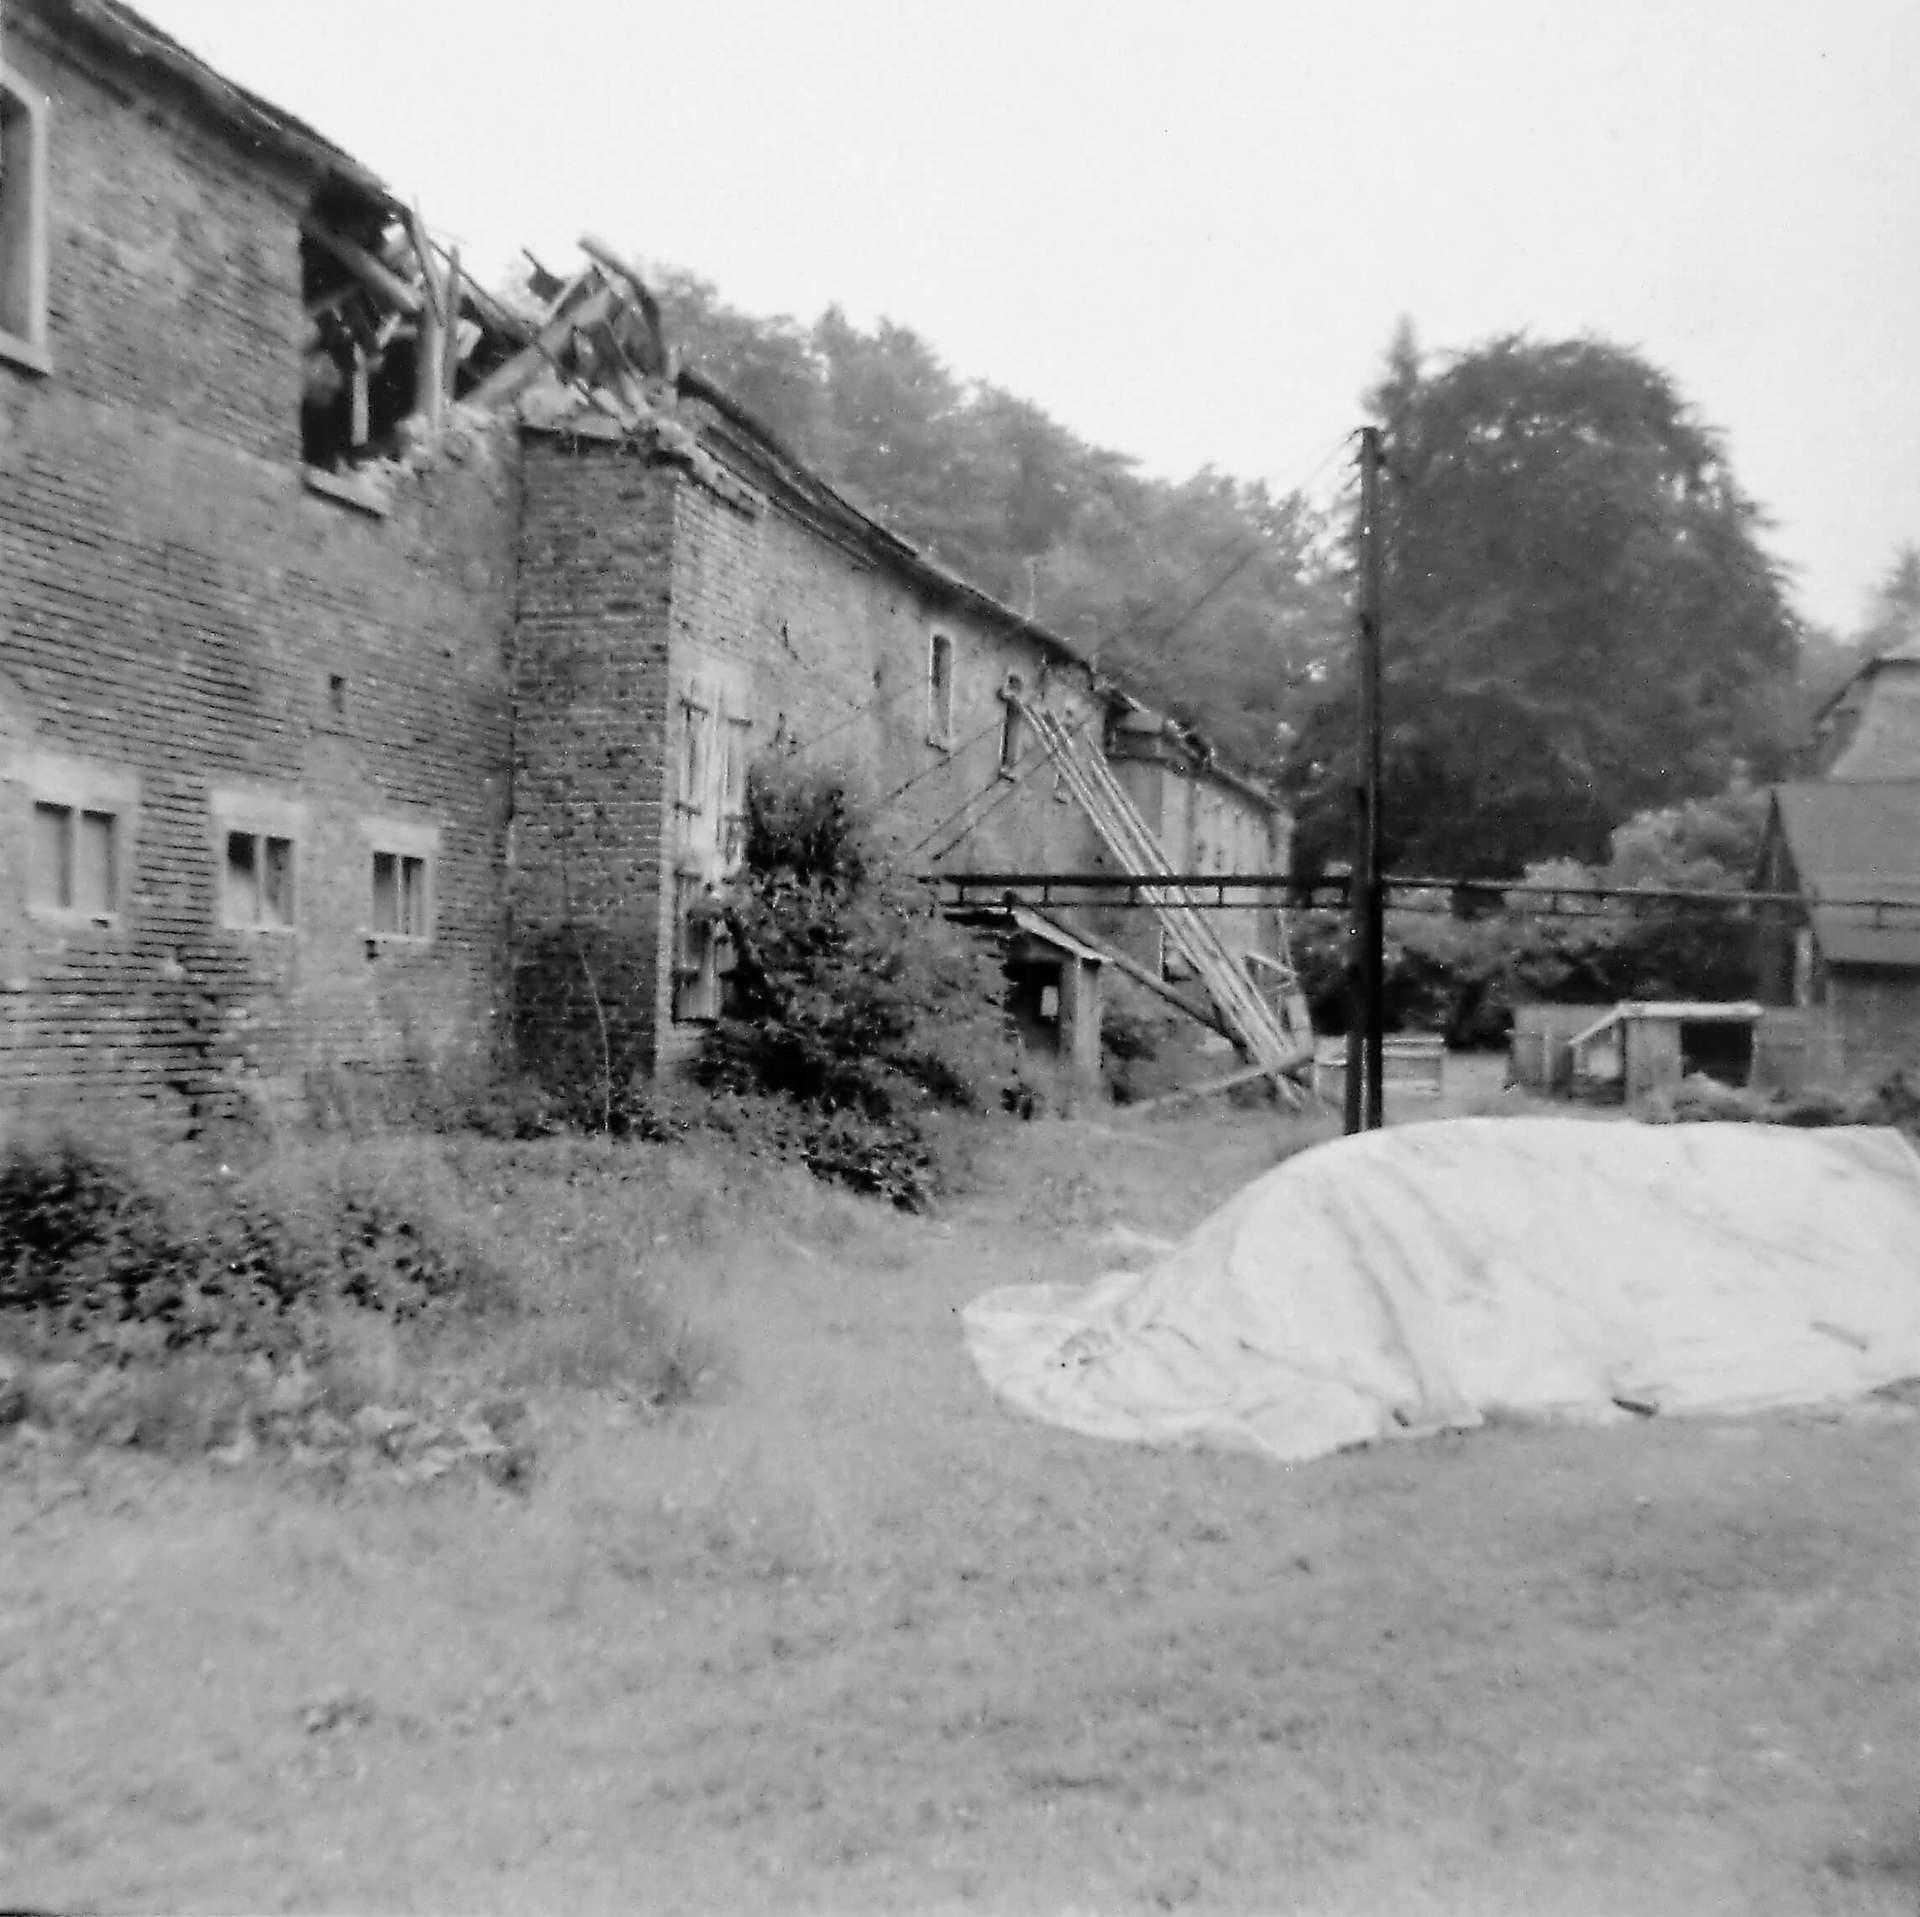 Rittergut Adlershof zu Oberlauterbach - Gutshof vor Abriss Stallungen © Fotostudio Pieschel